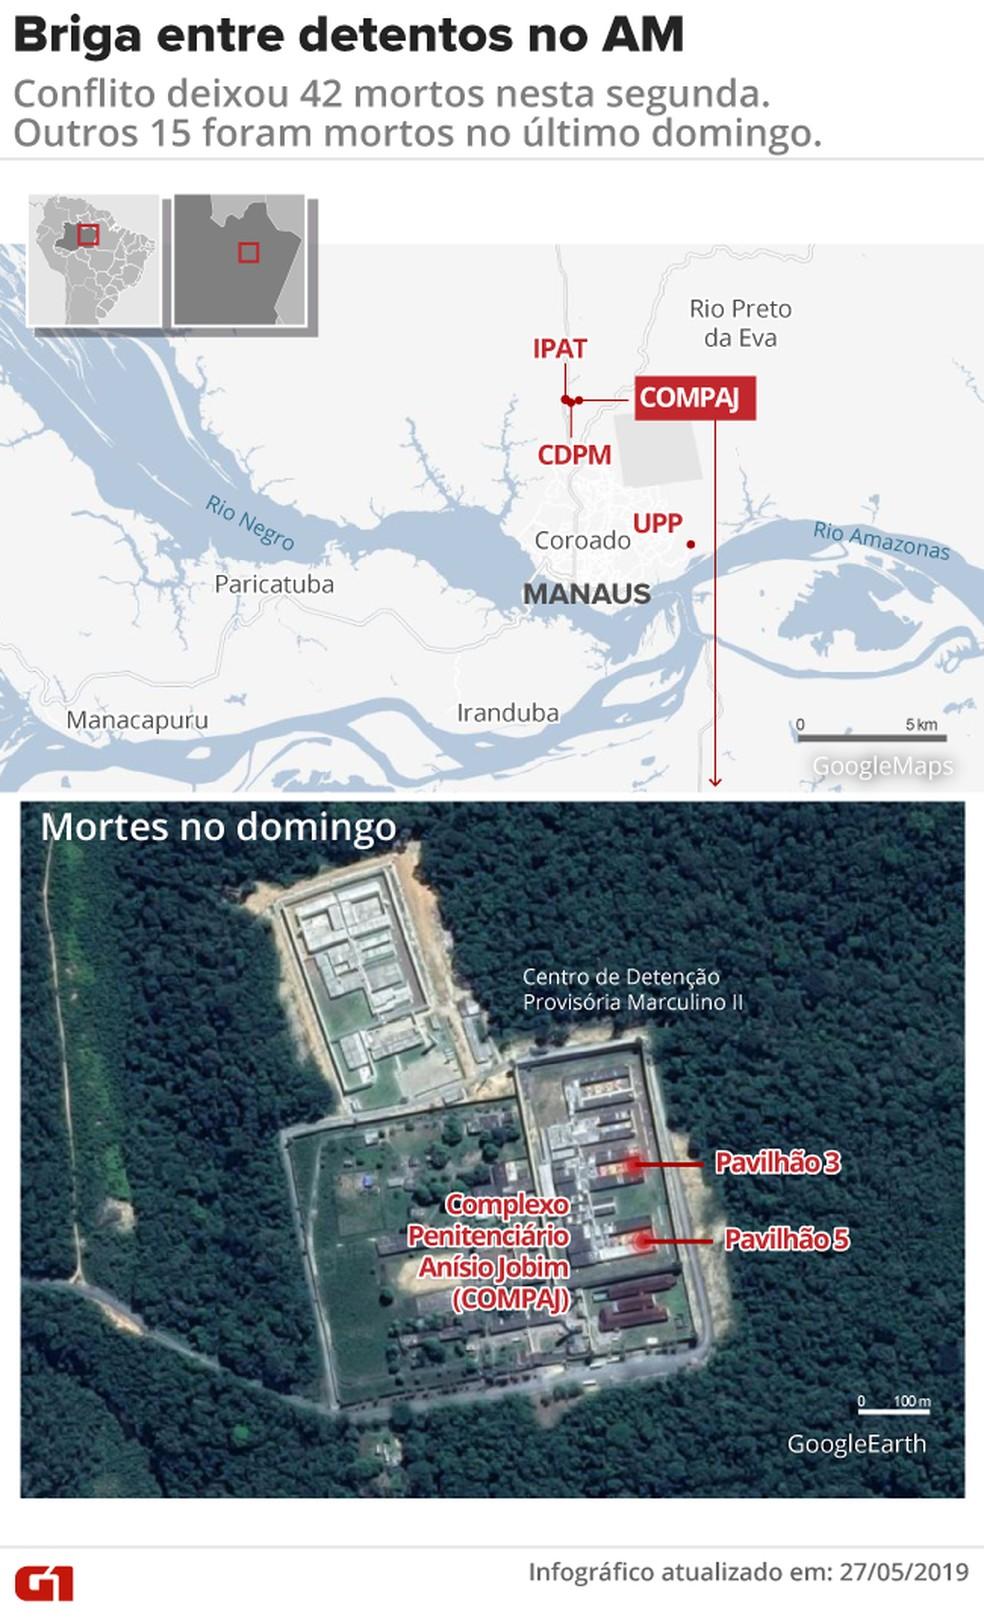 Briga entre detentos deixou 42 mortos nesta segunda — Foto: Arte G1/Rodrigo Cunha